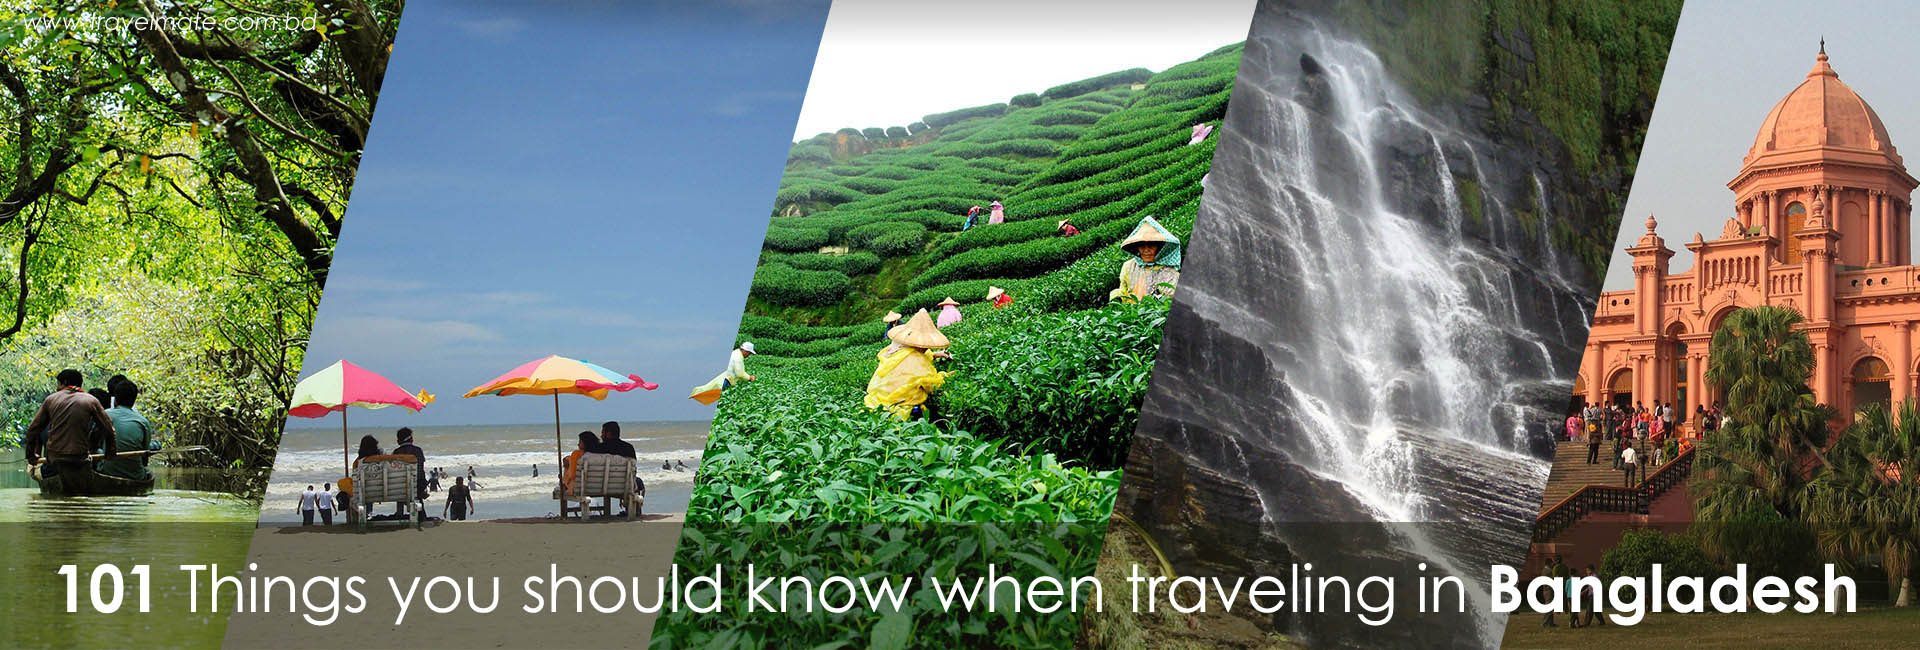 Traveling Bangladesh